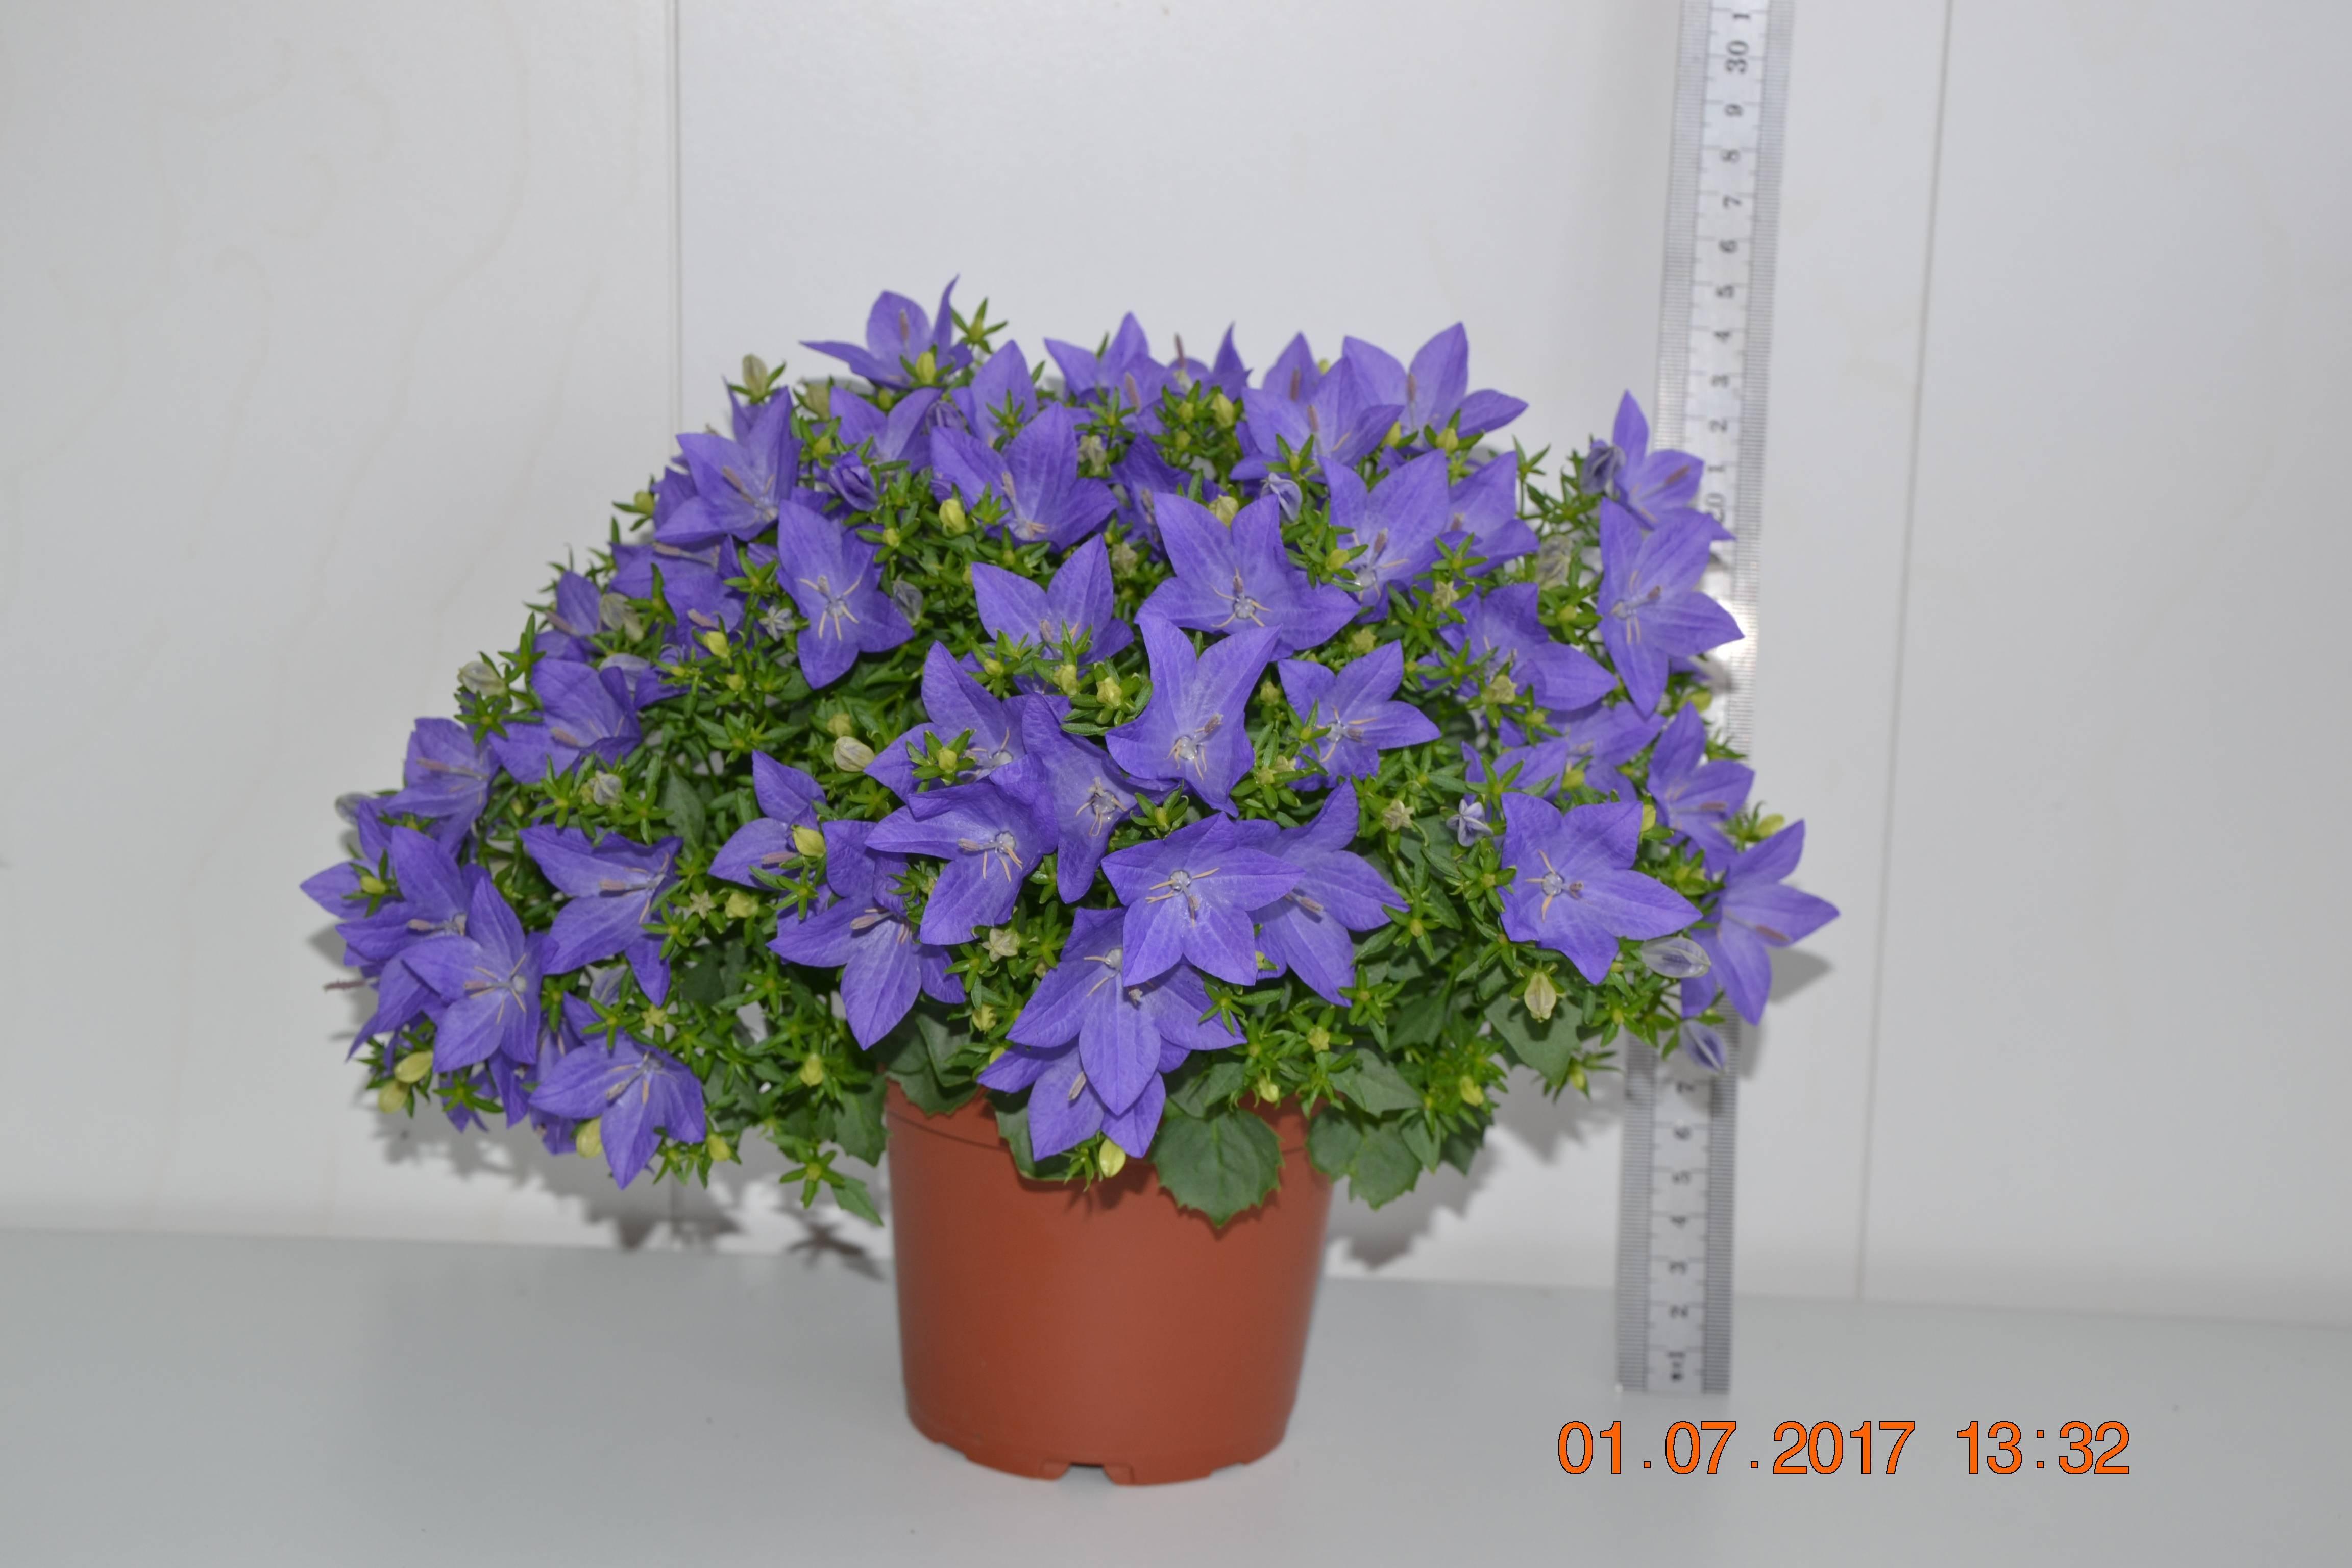 Названия и описания домашних растений и комнатных цветков с красными листьями